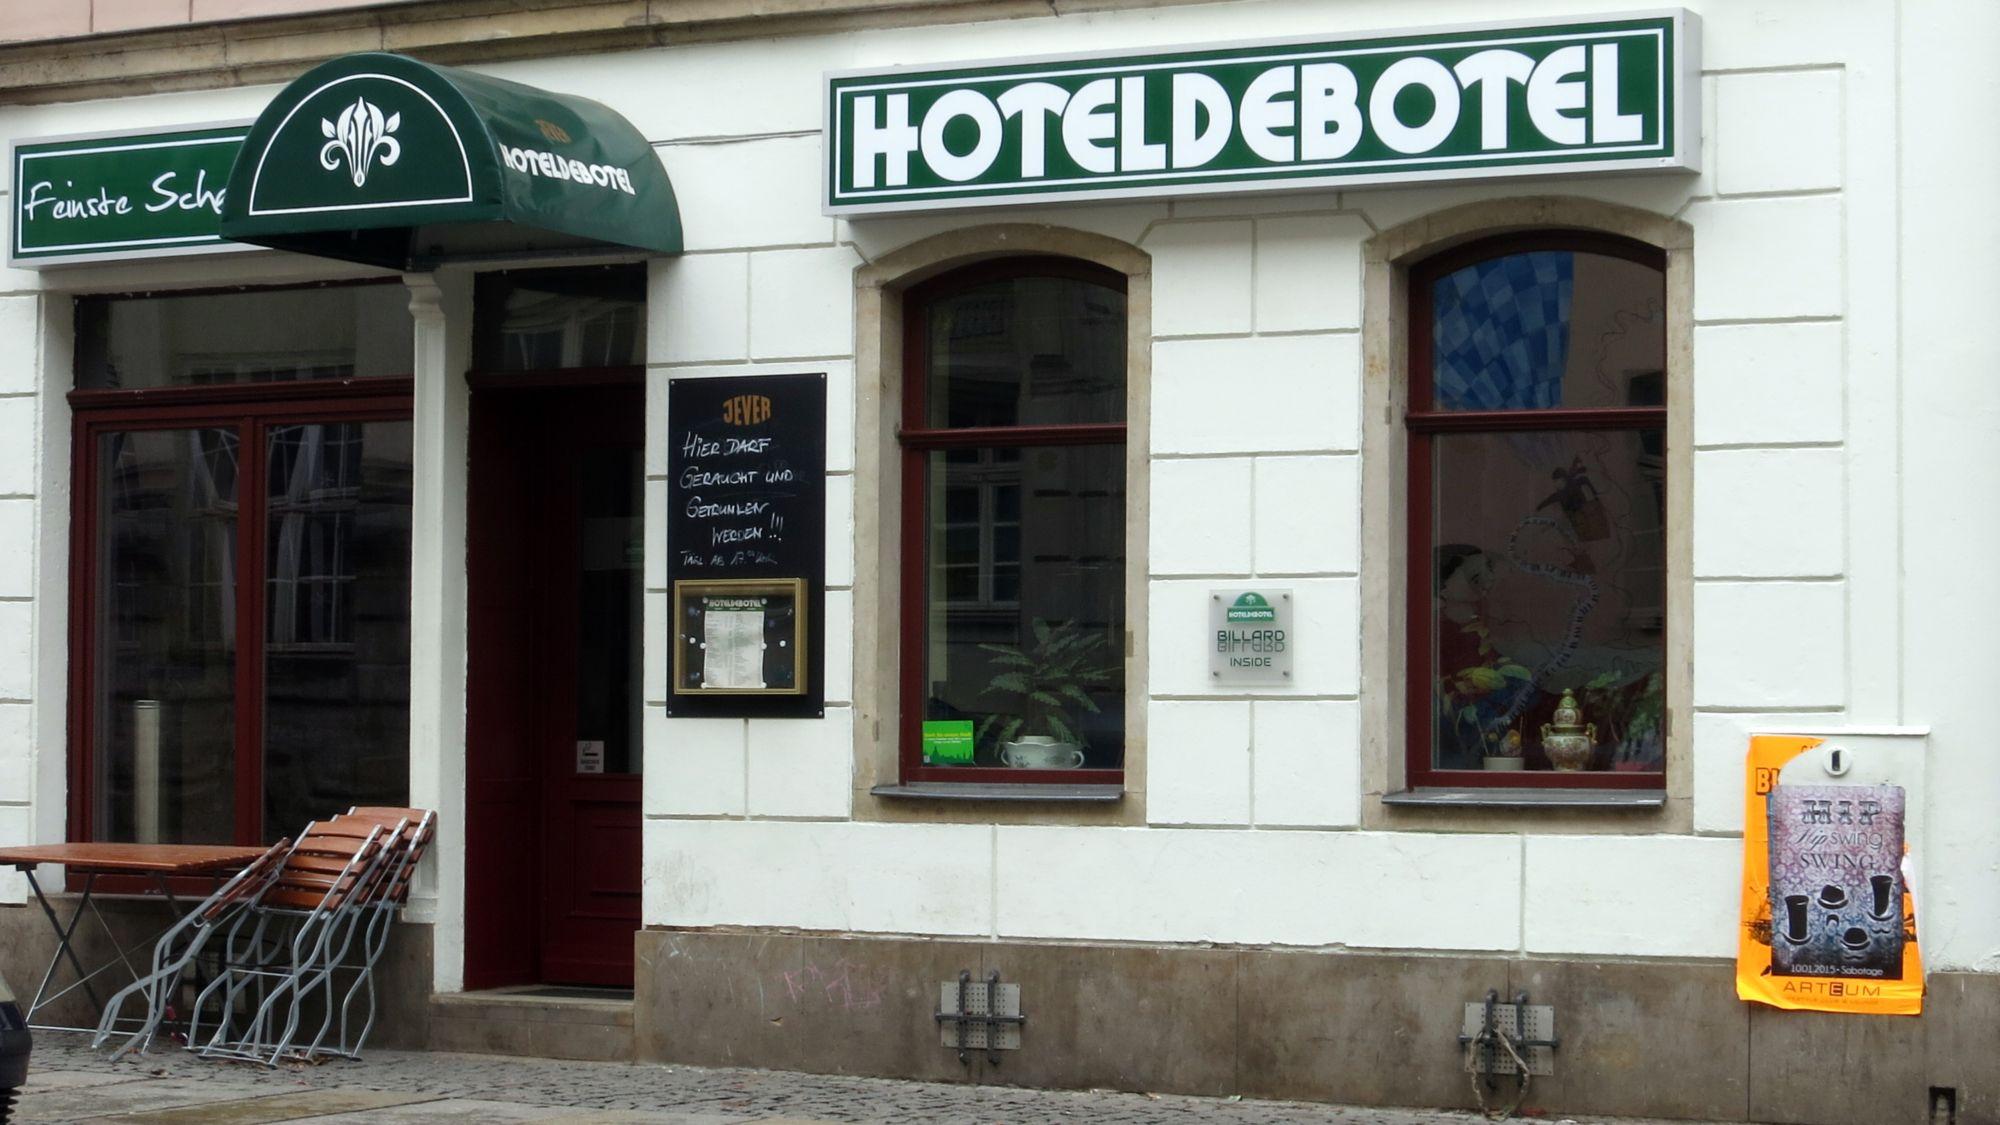 Hoteldebotel